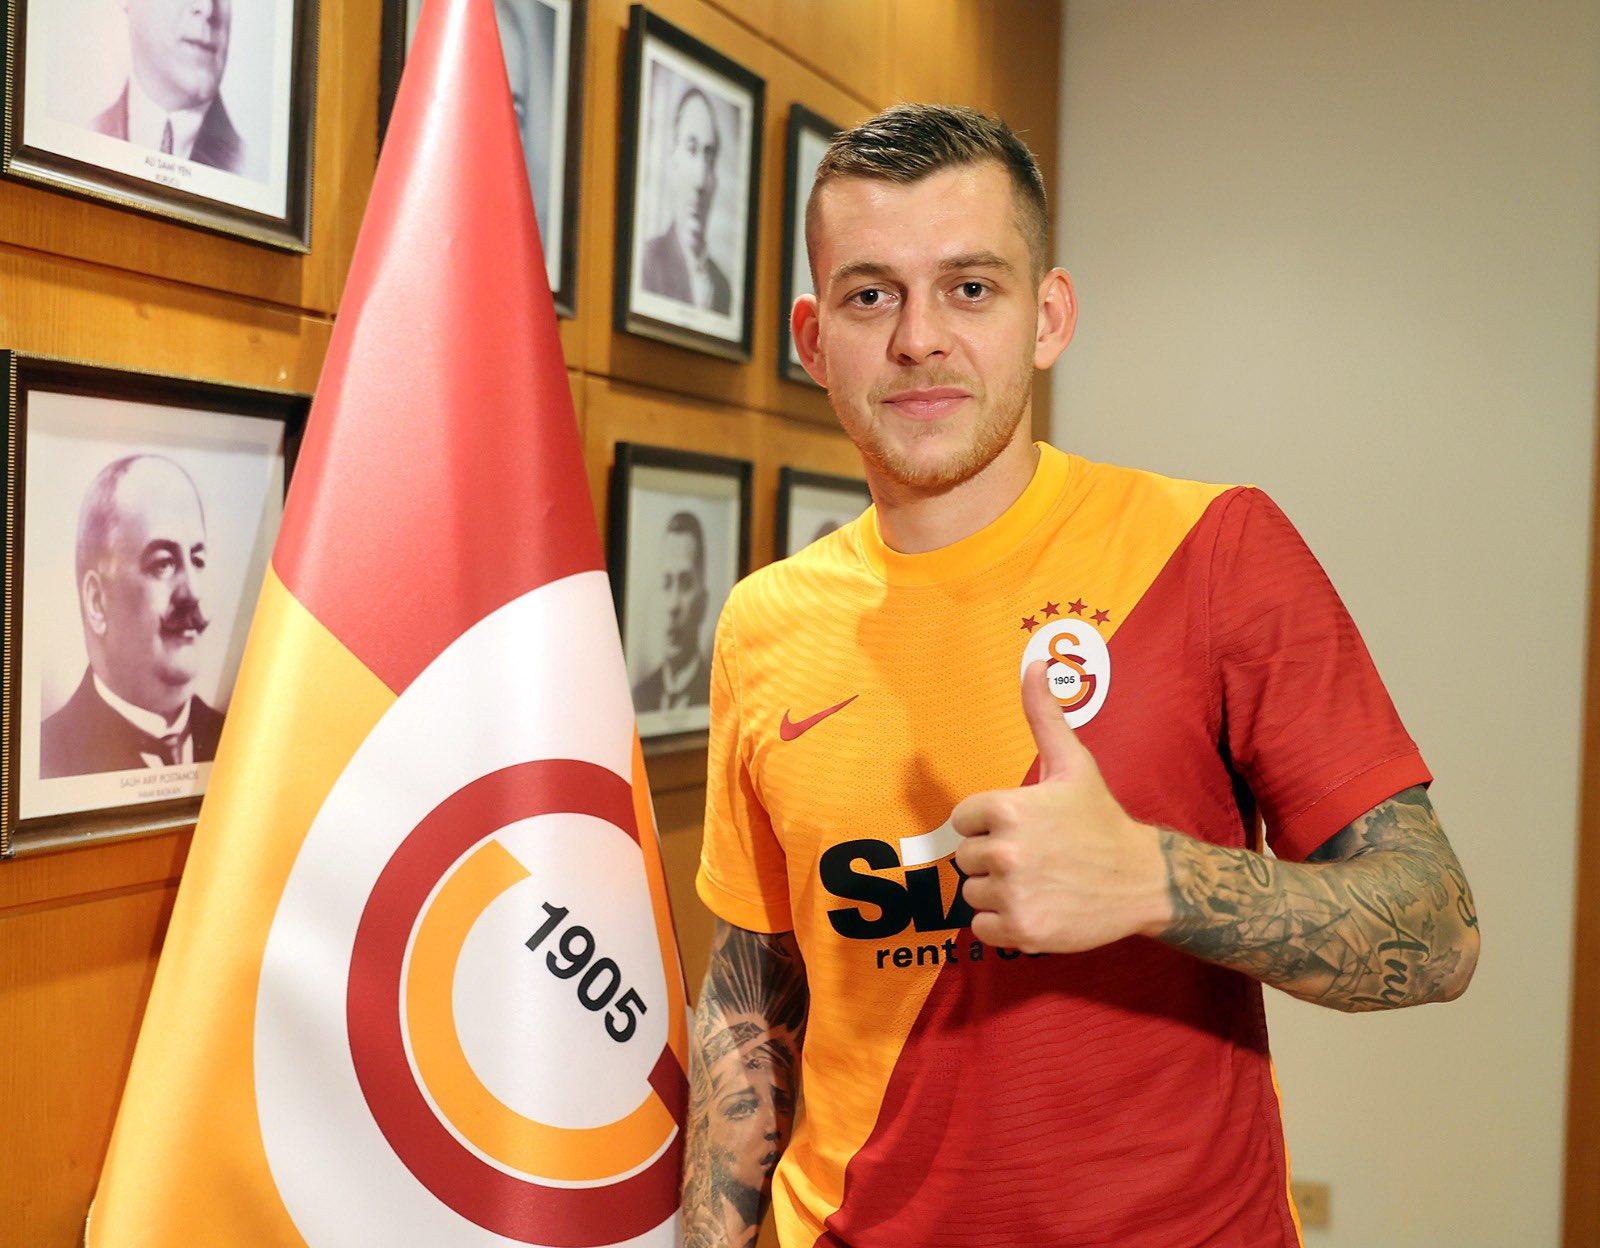 Alexandru Cicâldău, primele imagini în tricoul lui Galatasaray / Twitter